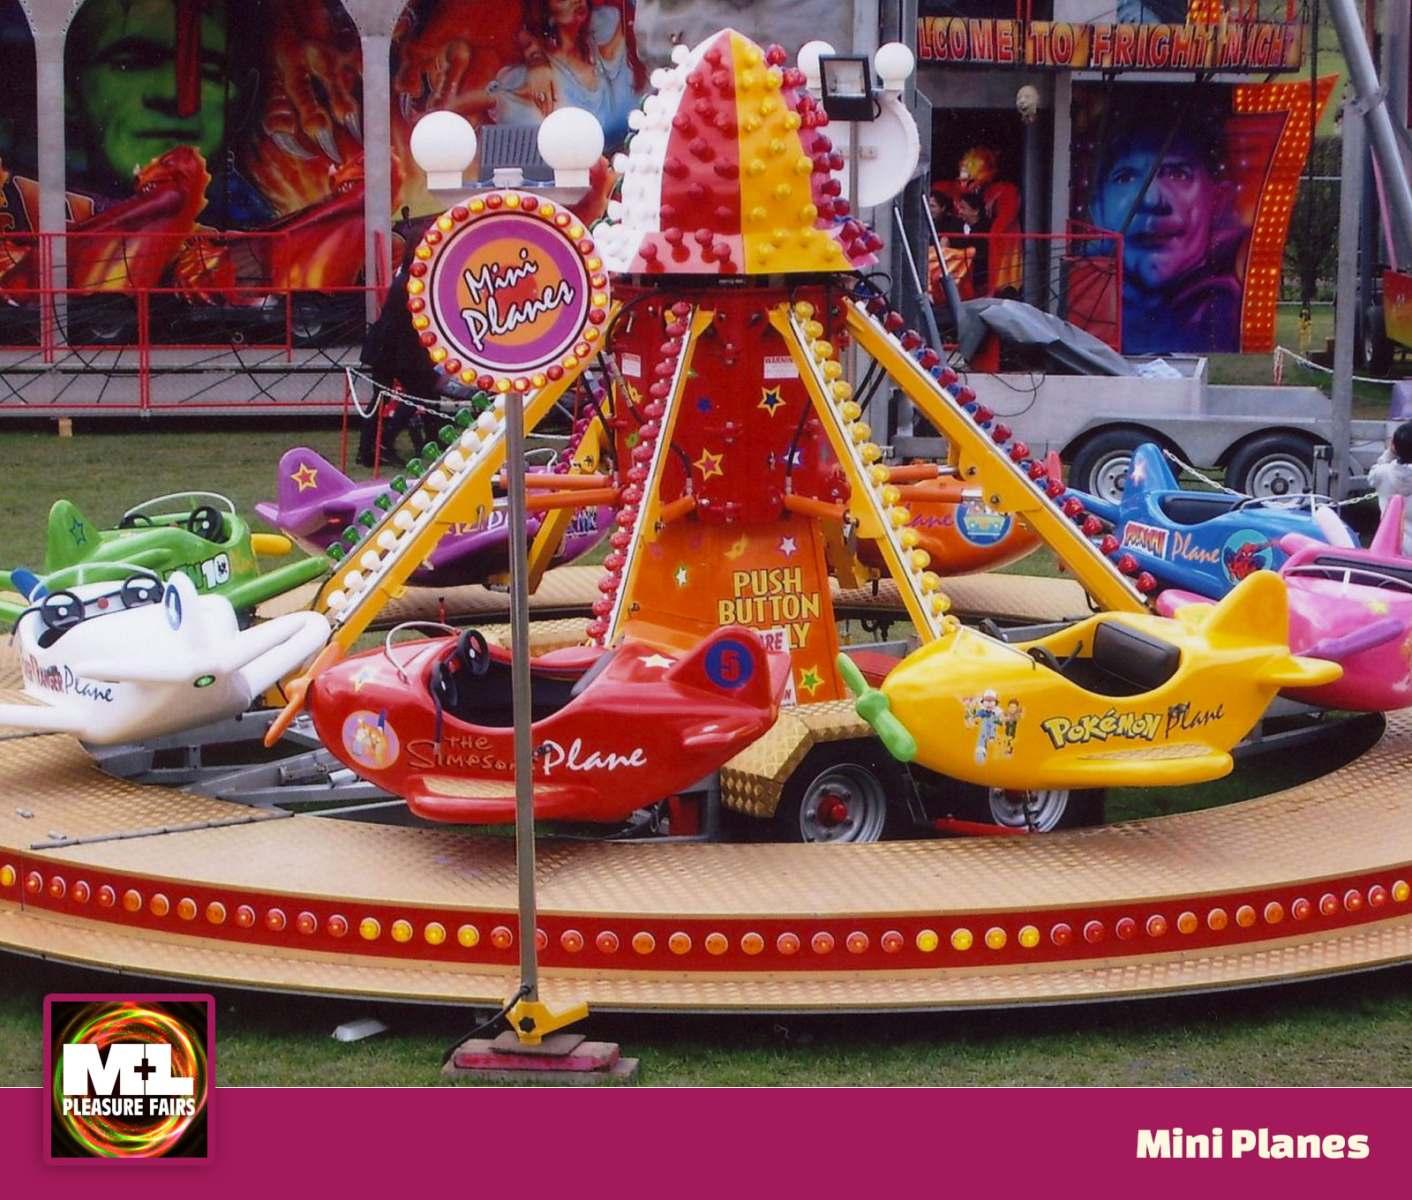 Mini Planes Ride Image